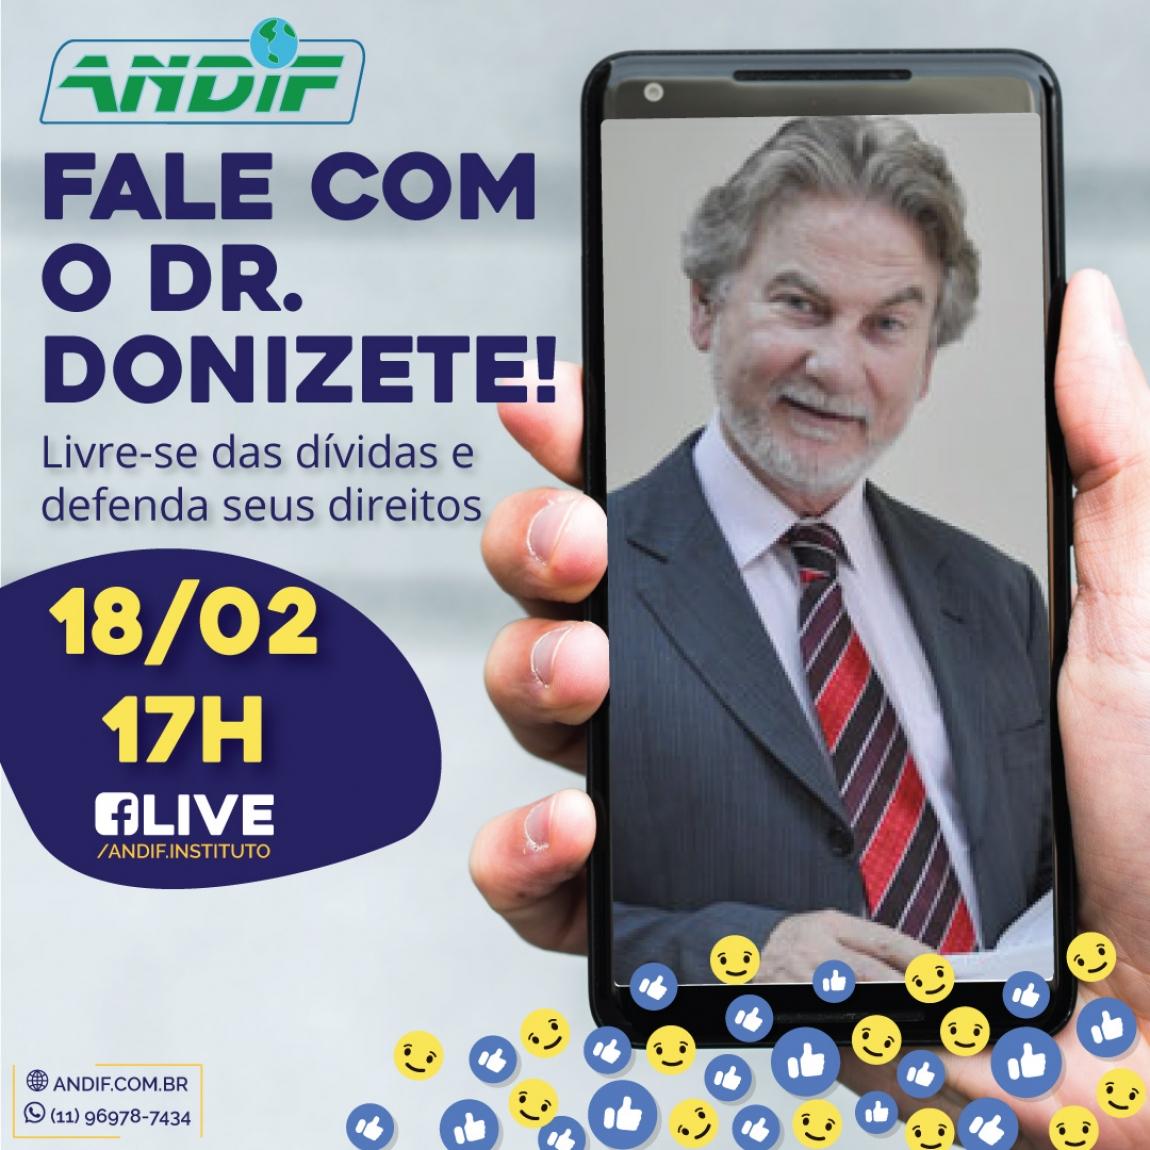 Imagem de Participe da live do Dr Donizete no dia 18/02 no Facebook!